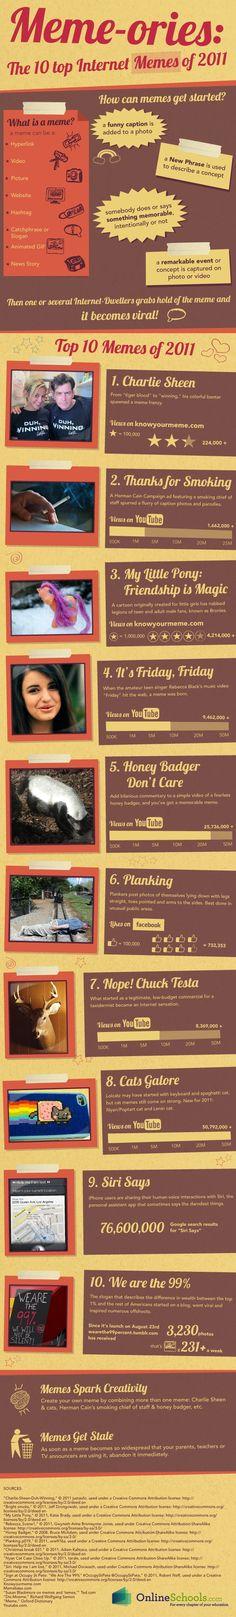 Los Memes más destacados en Internet en 2011 #infografia #infographic #internet